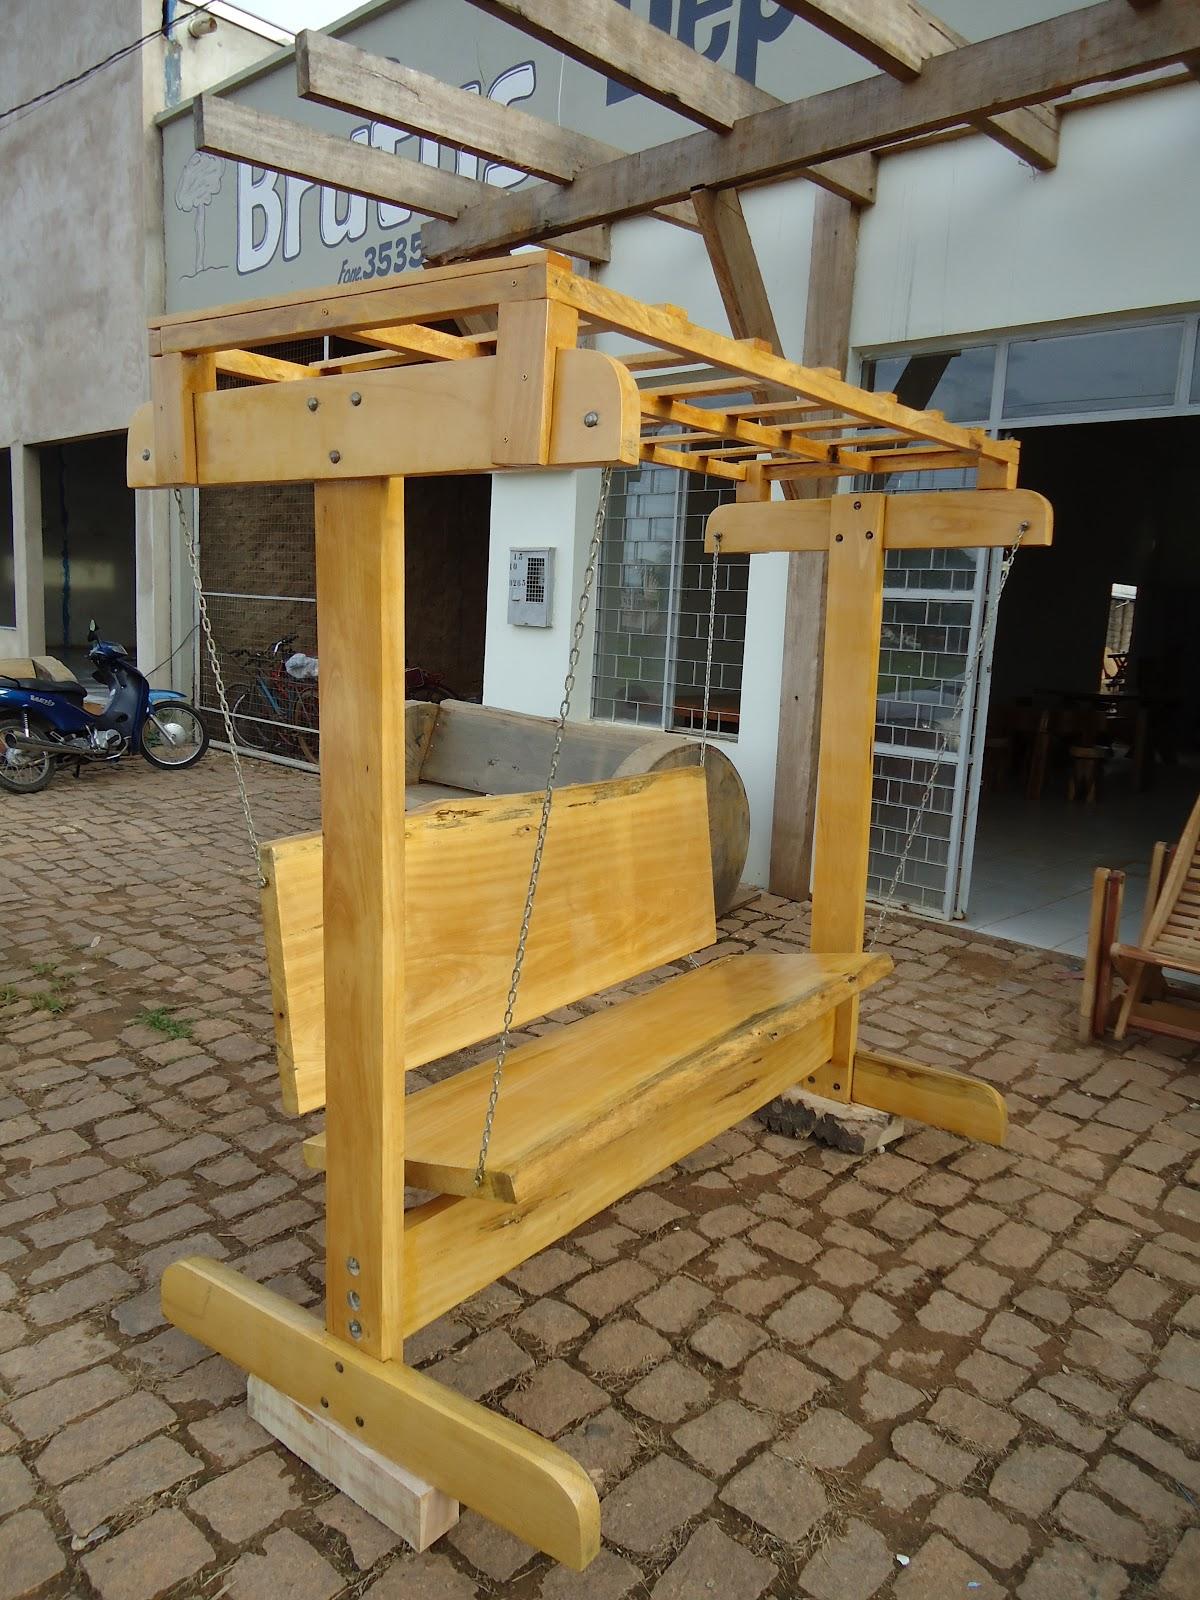 Brutus Depósito de Madeiras e Móveis Rústicos #9D7B2E 1200x1600